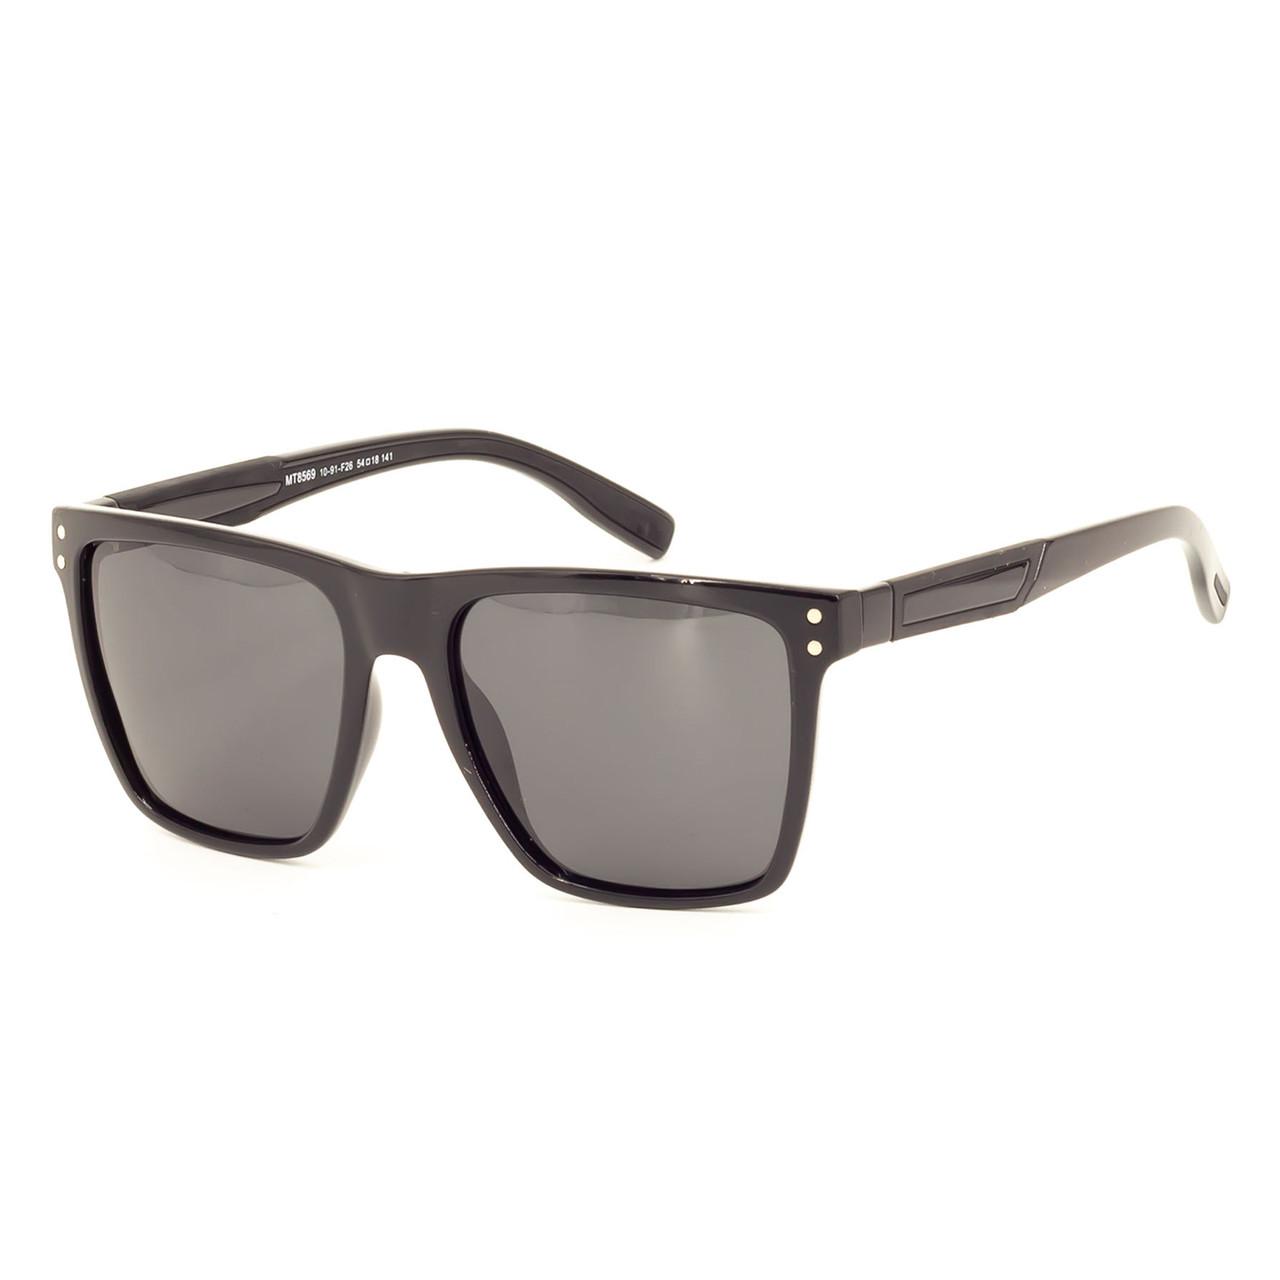 Солнцезащитные очки Matrix MT8569 10-91-F26      ( MT8569-10-91-F26 )